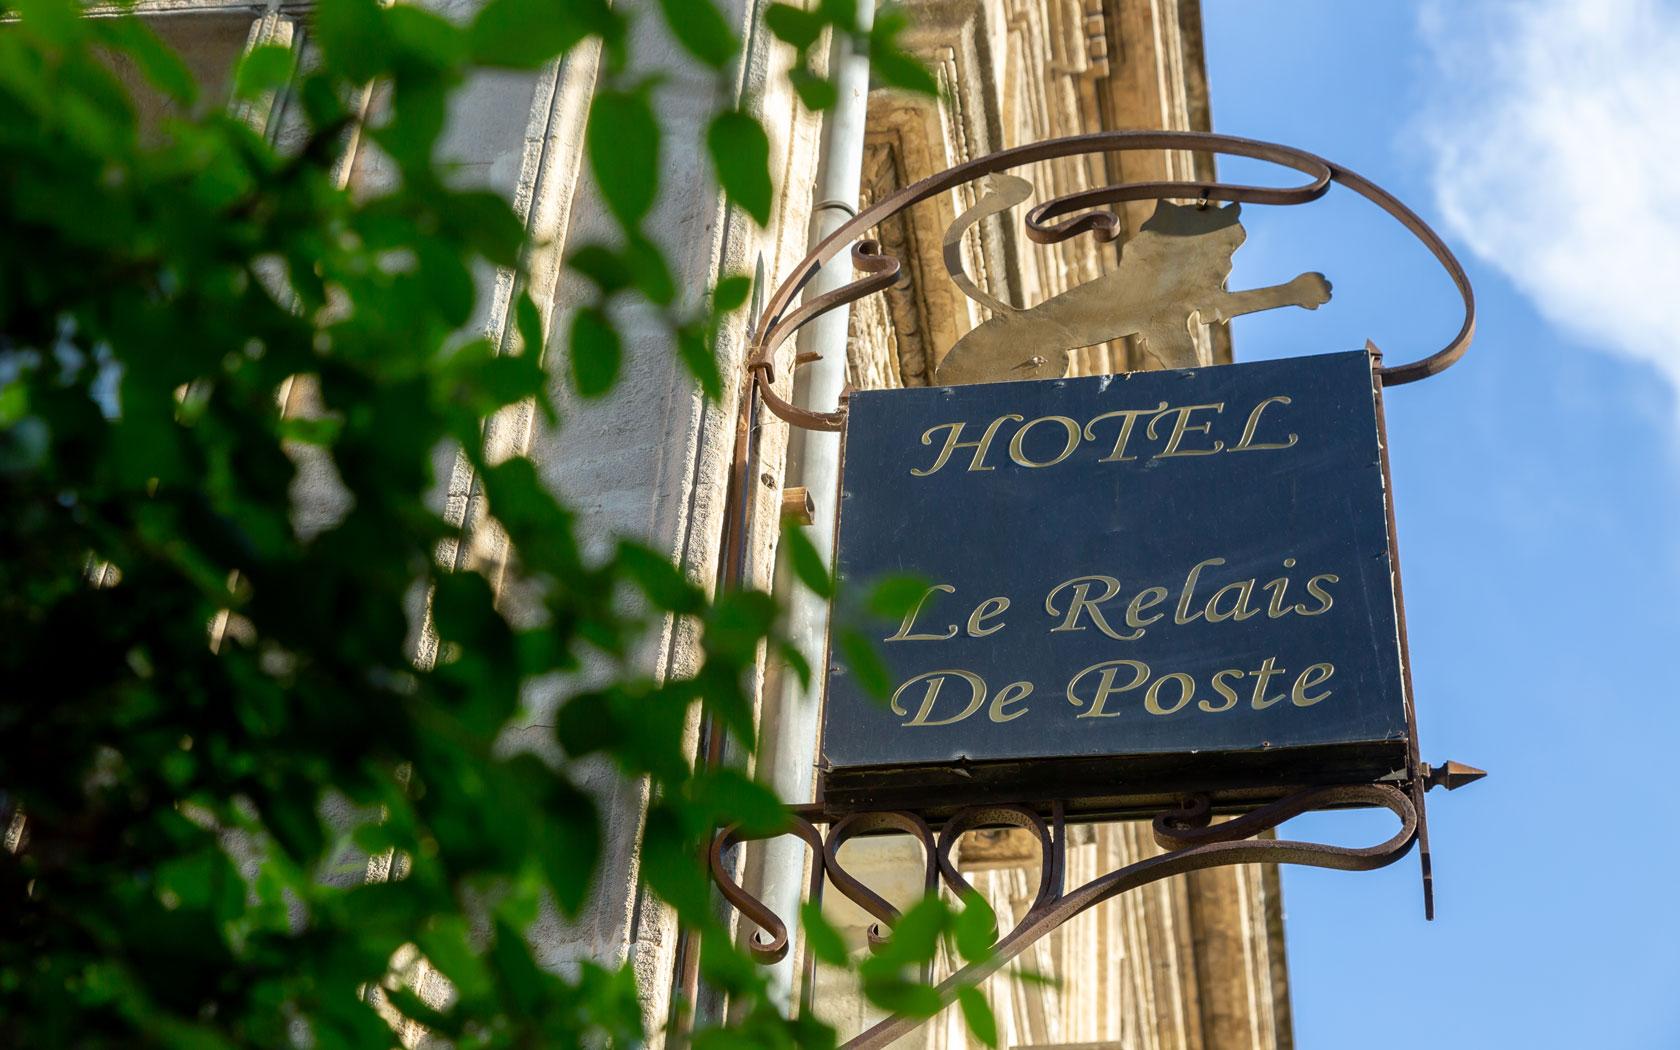 Relais-de-poste_hotel-6